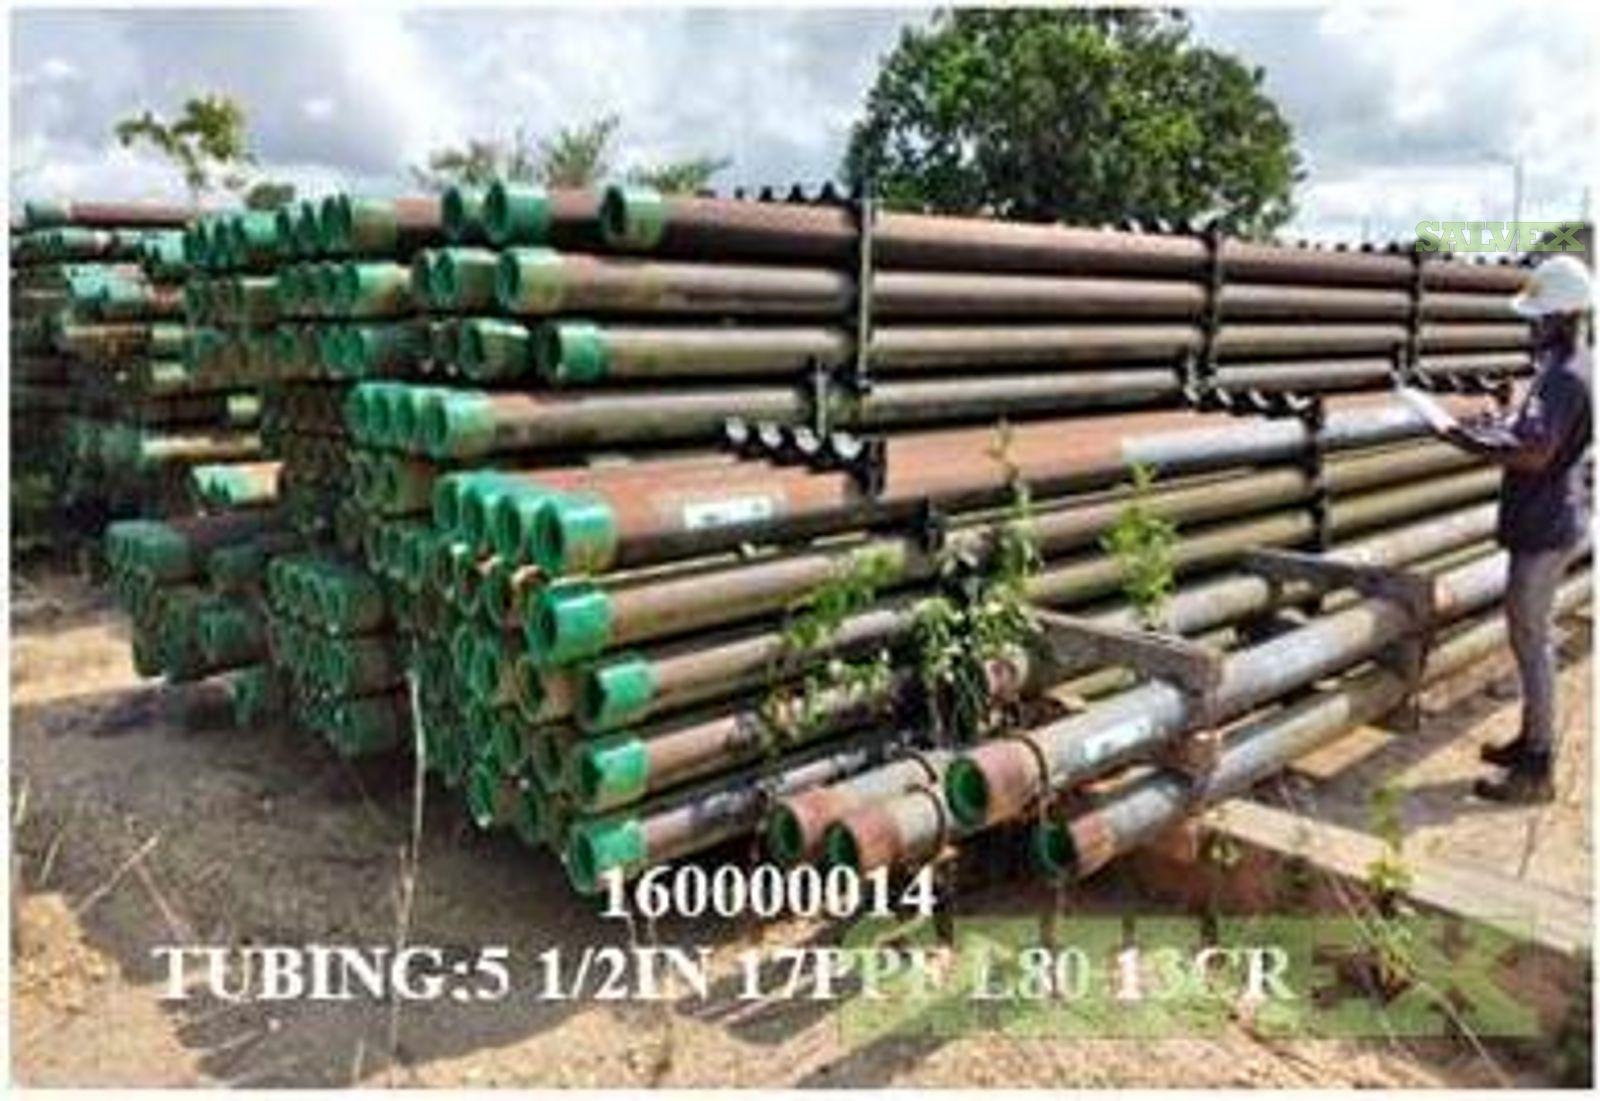 5 1/2 17# 13CRL80 R3 Surplus Tubing (17,440 Feet / 134 Metric Tons)